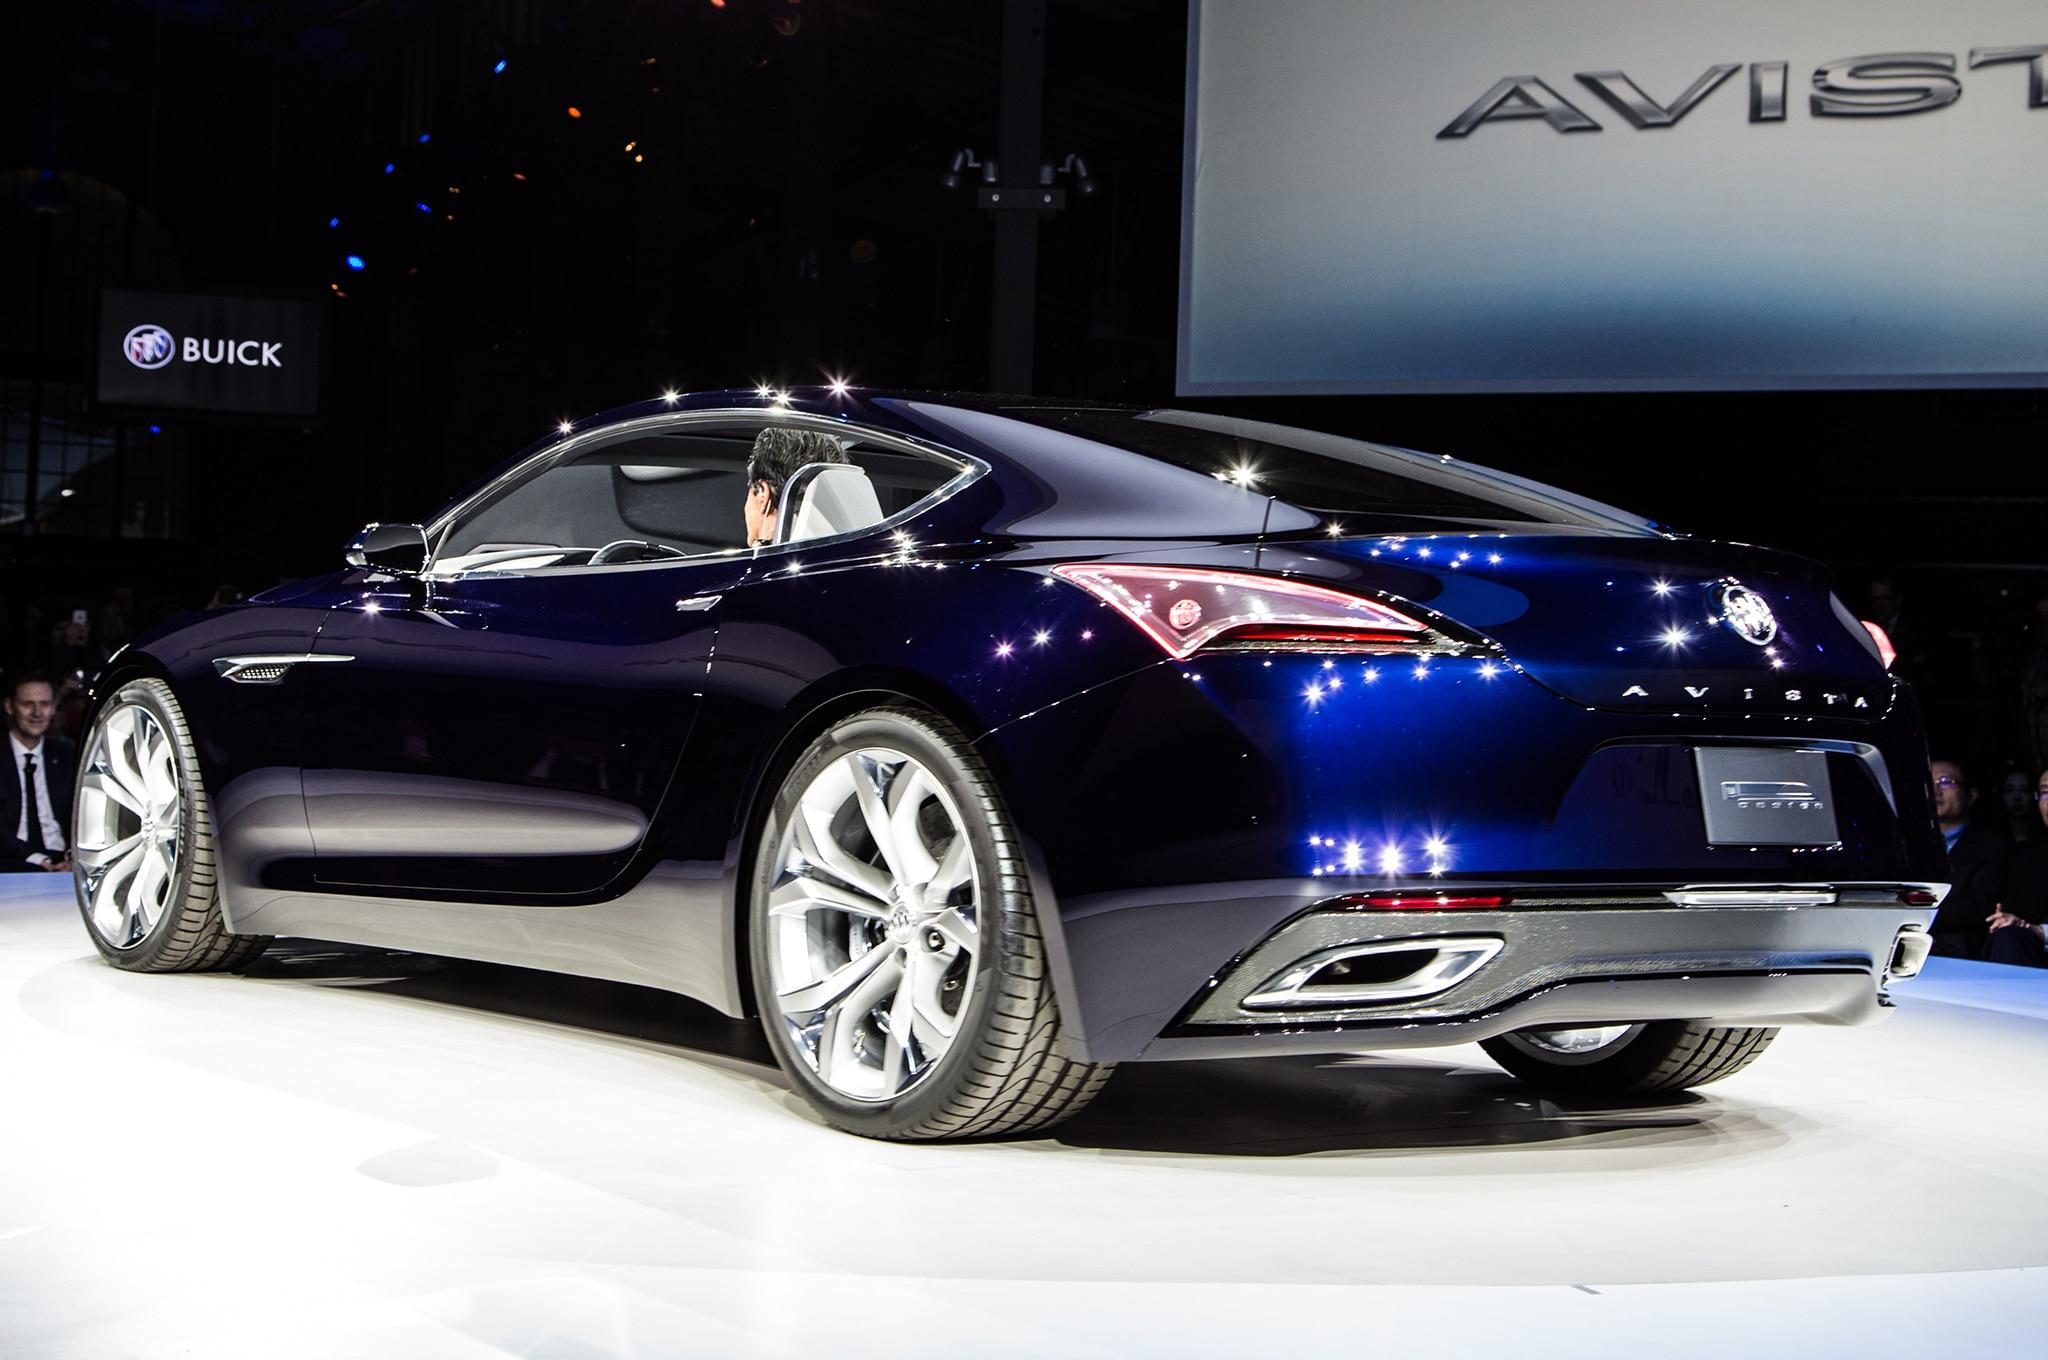 Buick Avista Concept Stuns Detroit With Gorgeous Design ...